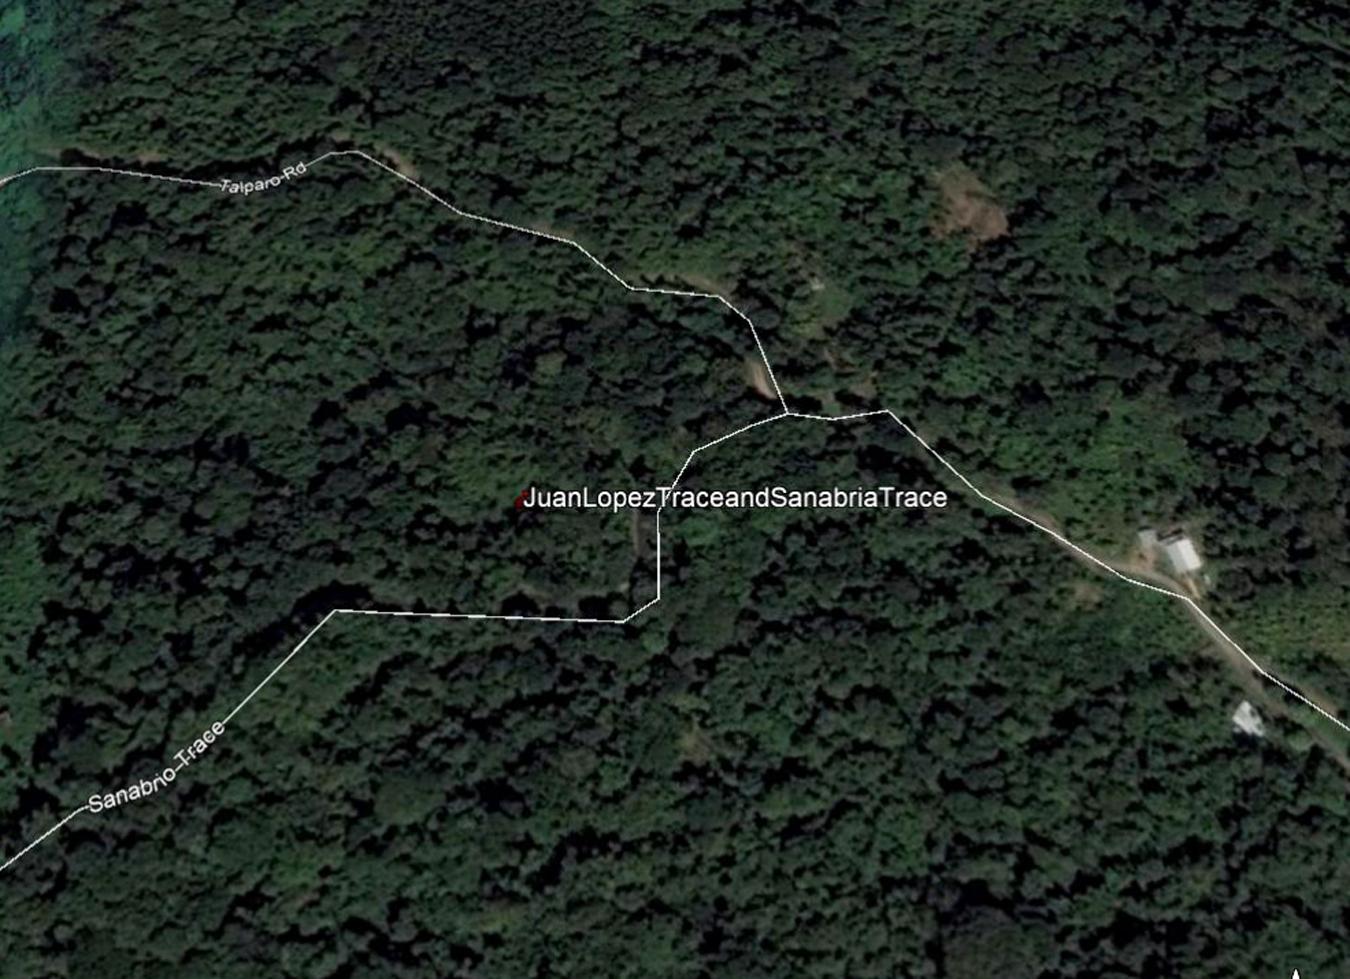 Land for Sale in Talparo, San Rafael